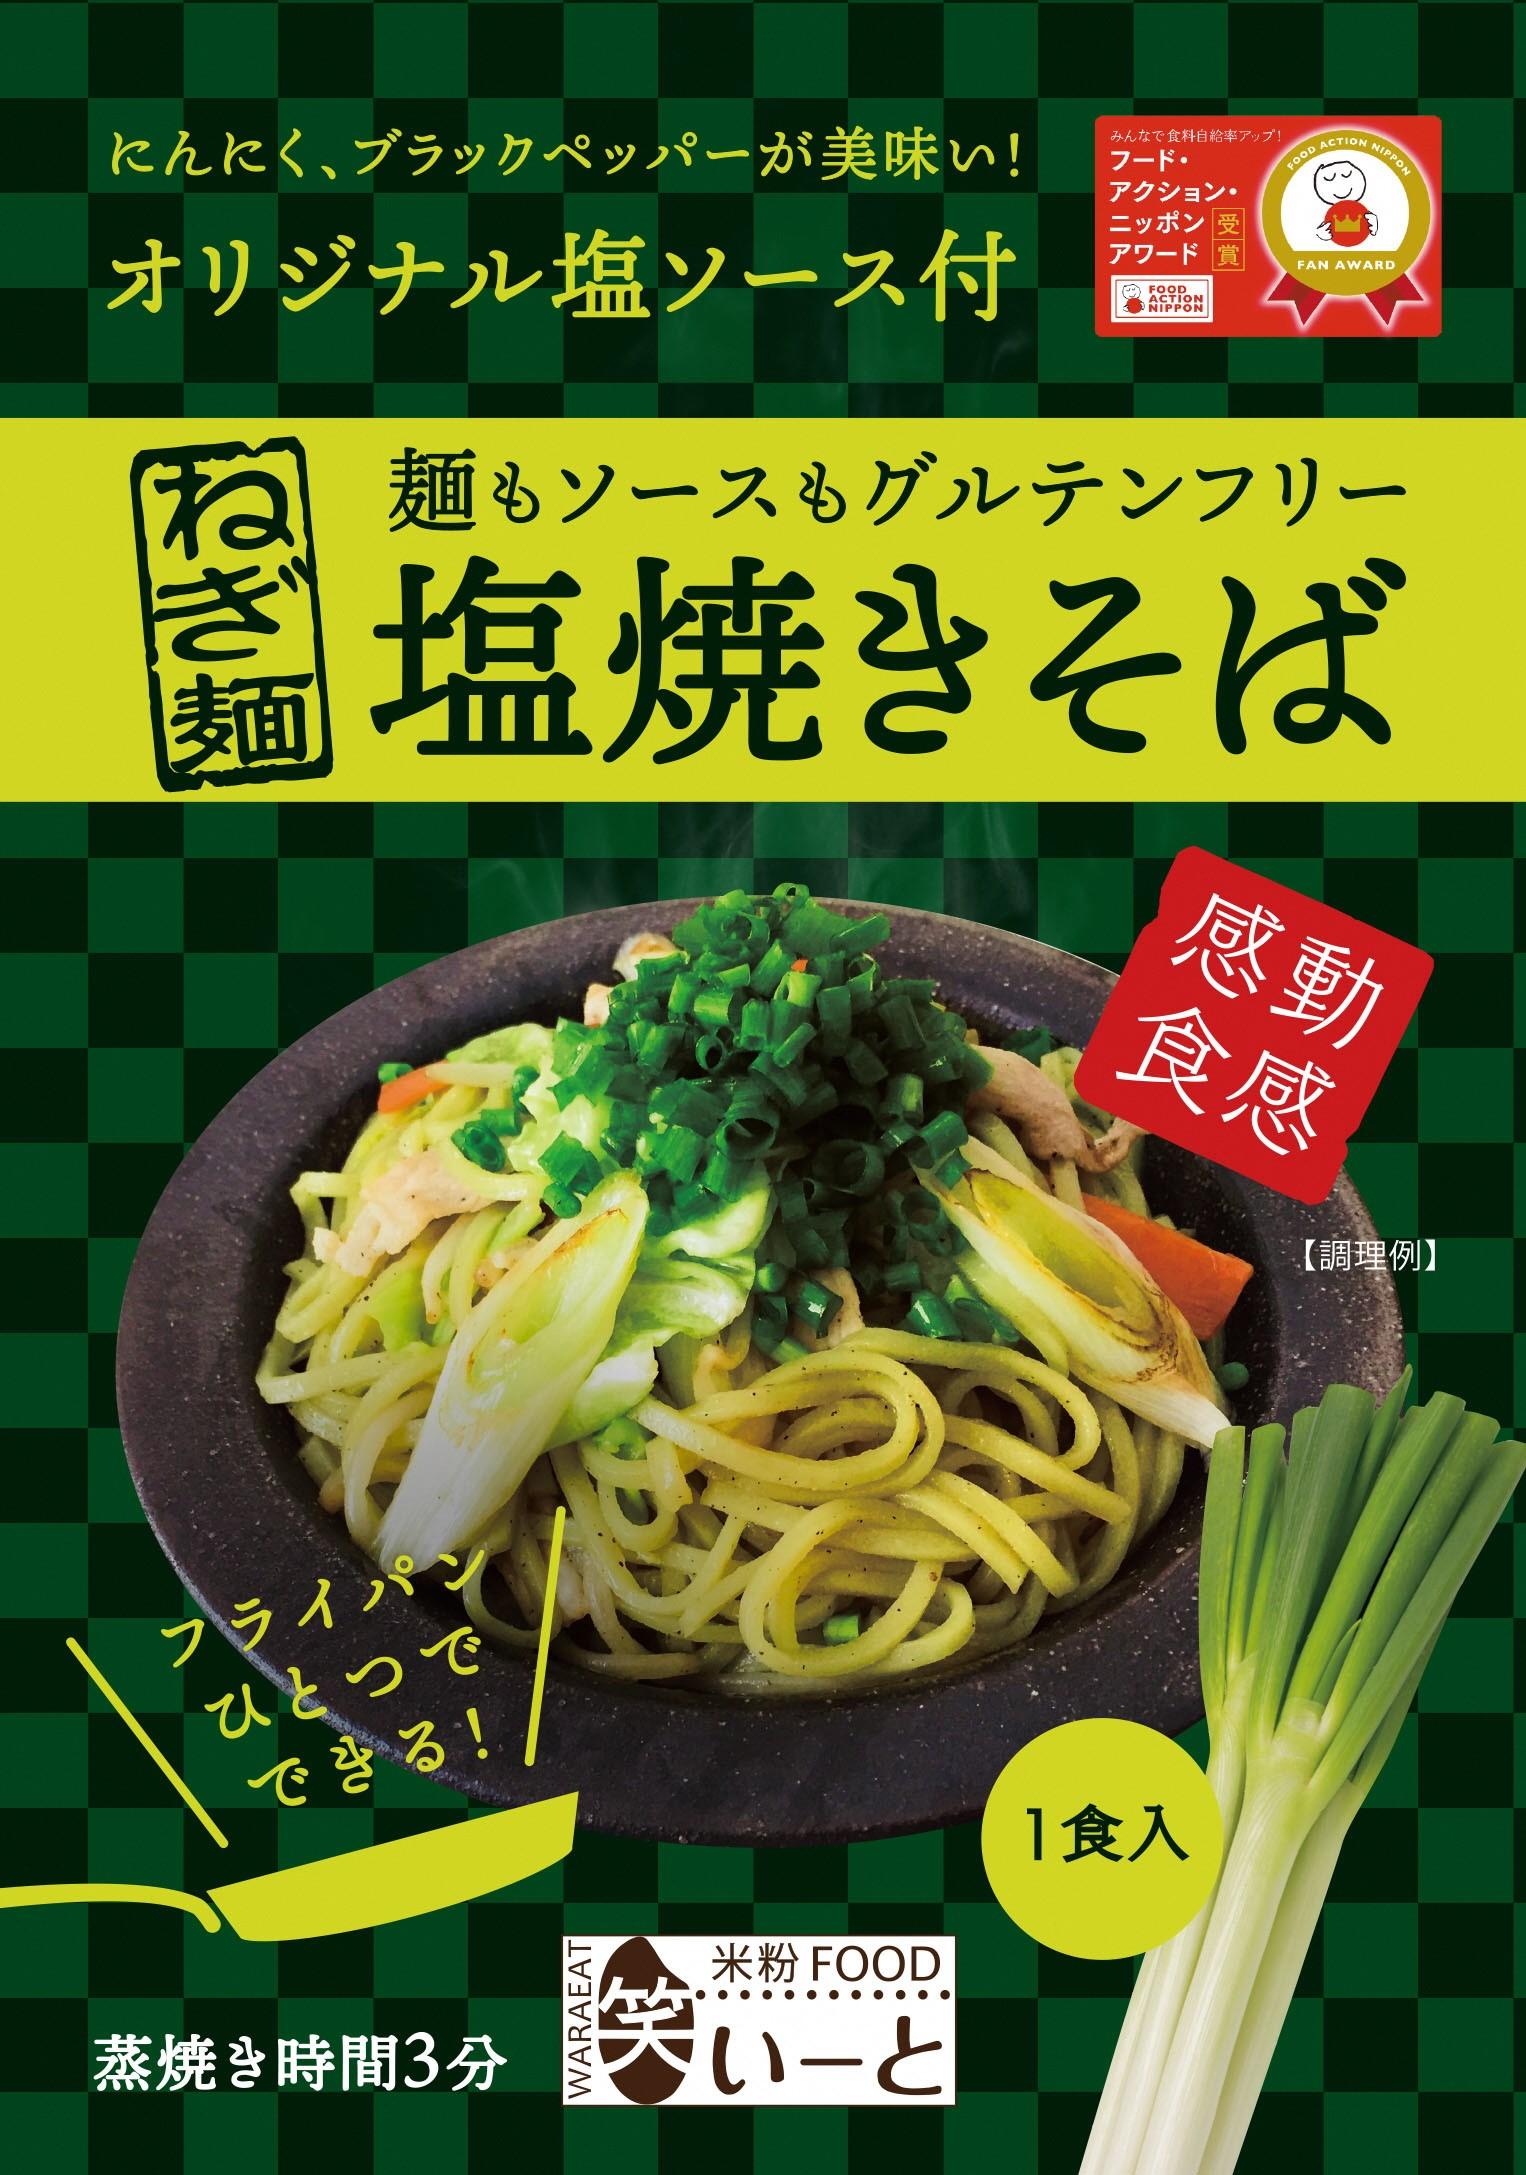 ねぎ麺塩焼きそば(1食入)